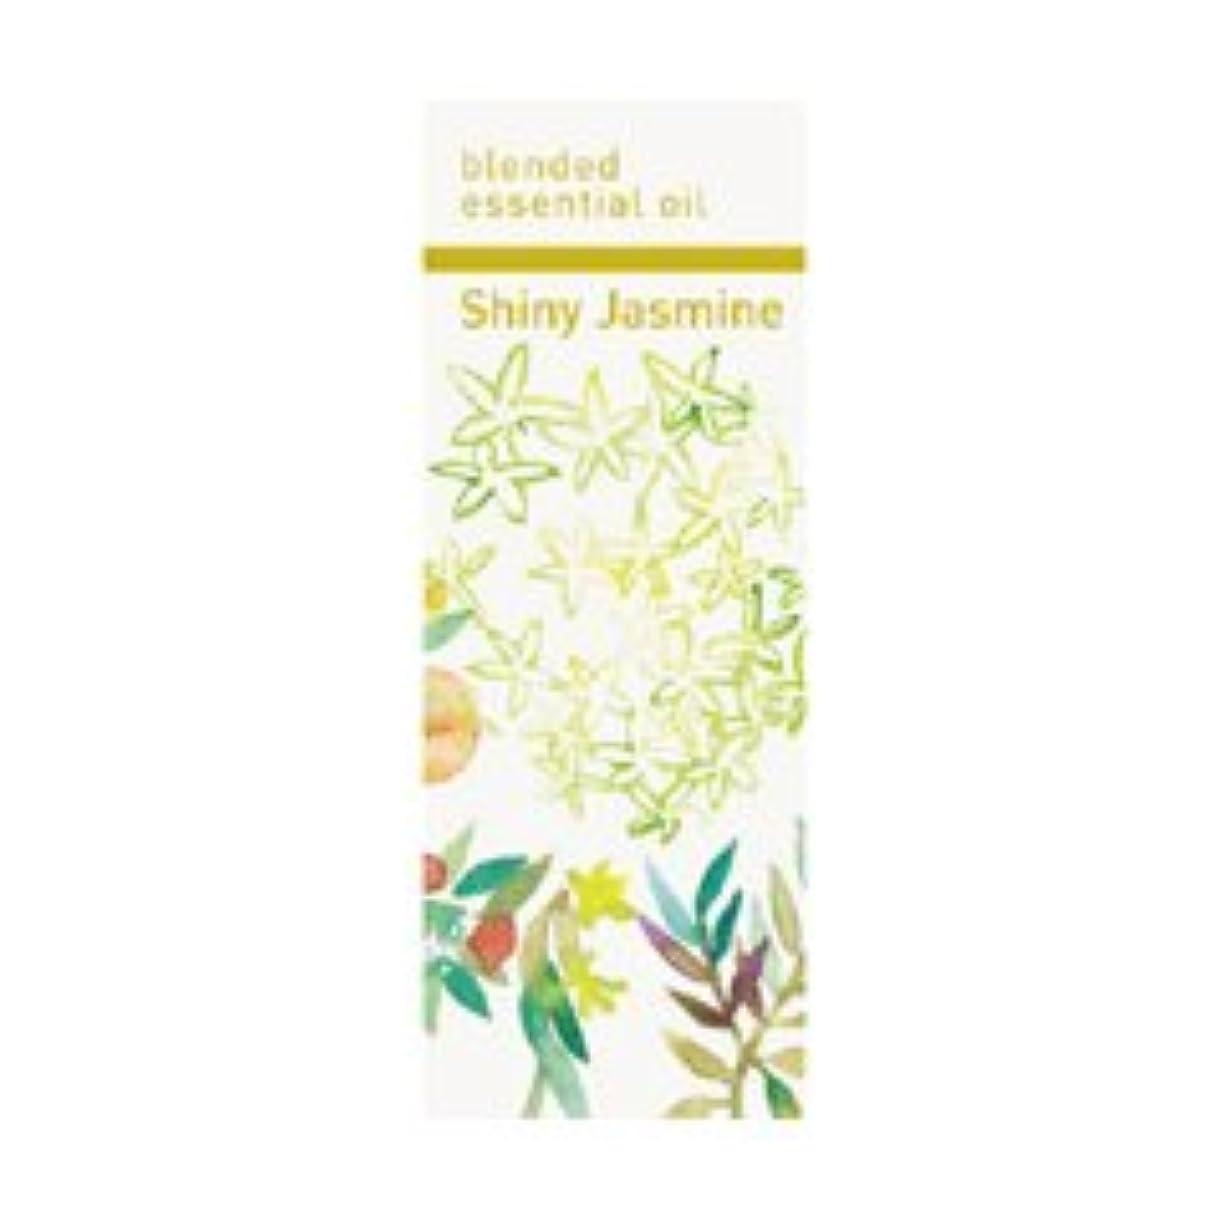 起点ジャニス認める生活の木 ブレンドエッセンシャルオイル シャイニージャスミン [30ml] エッセンシャルオイル/精油